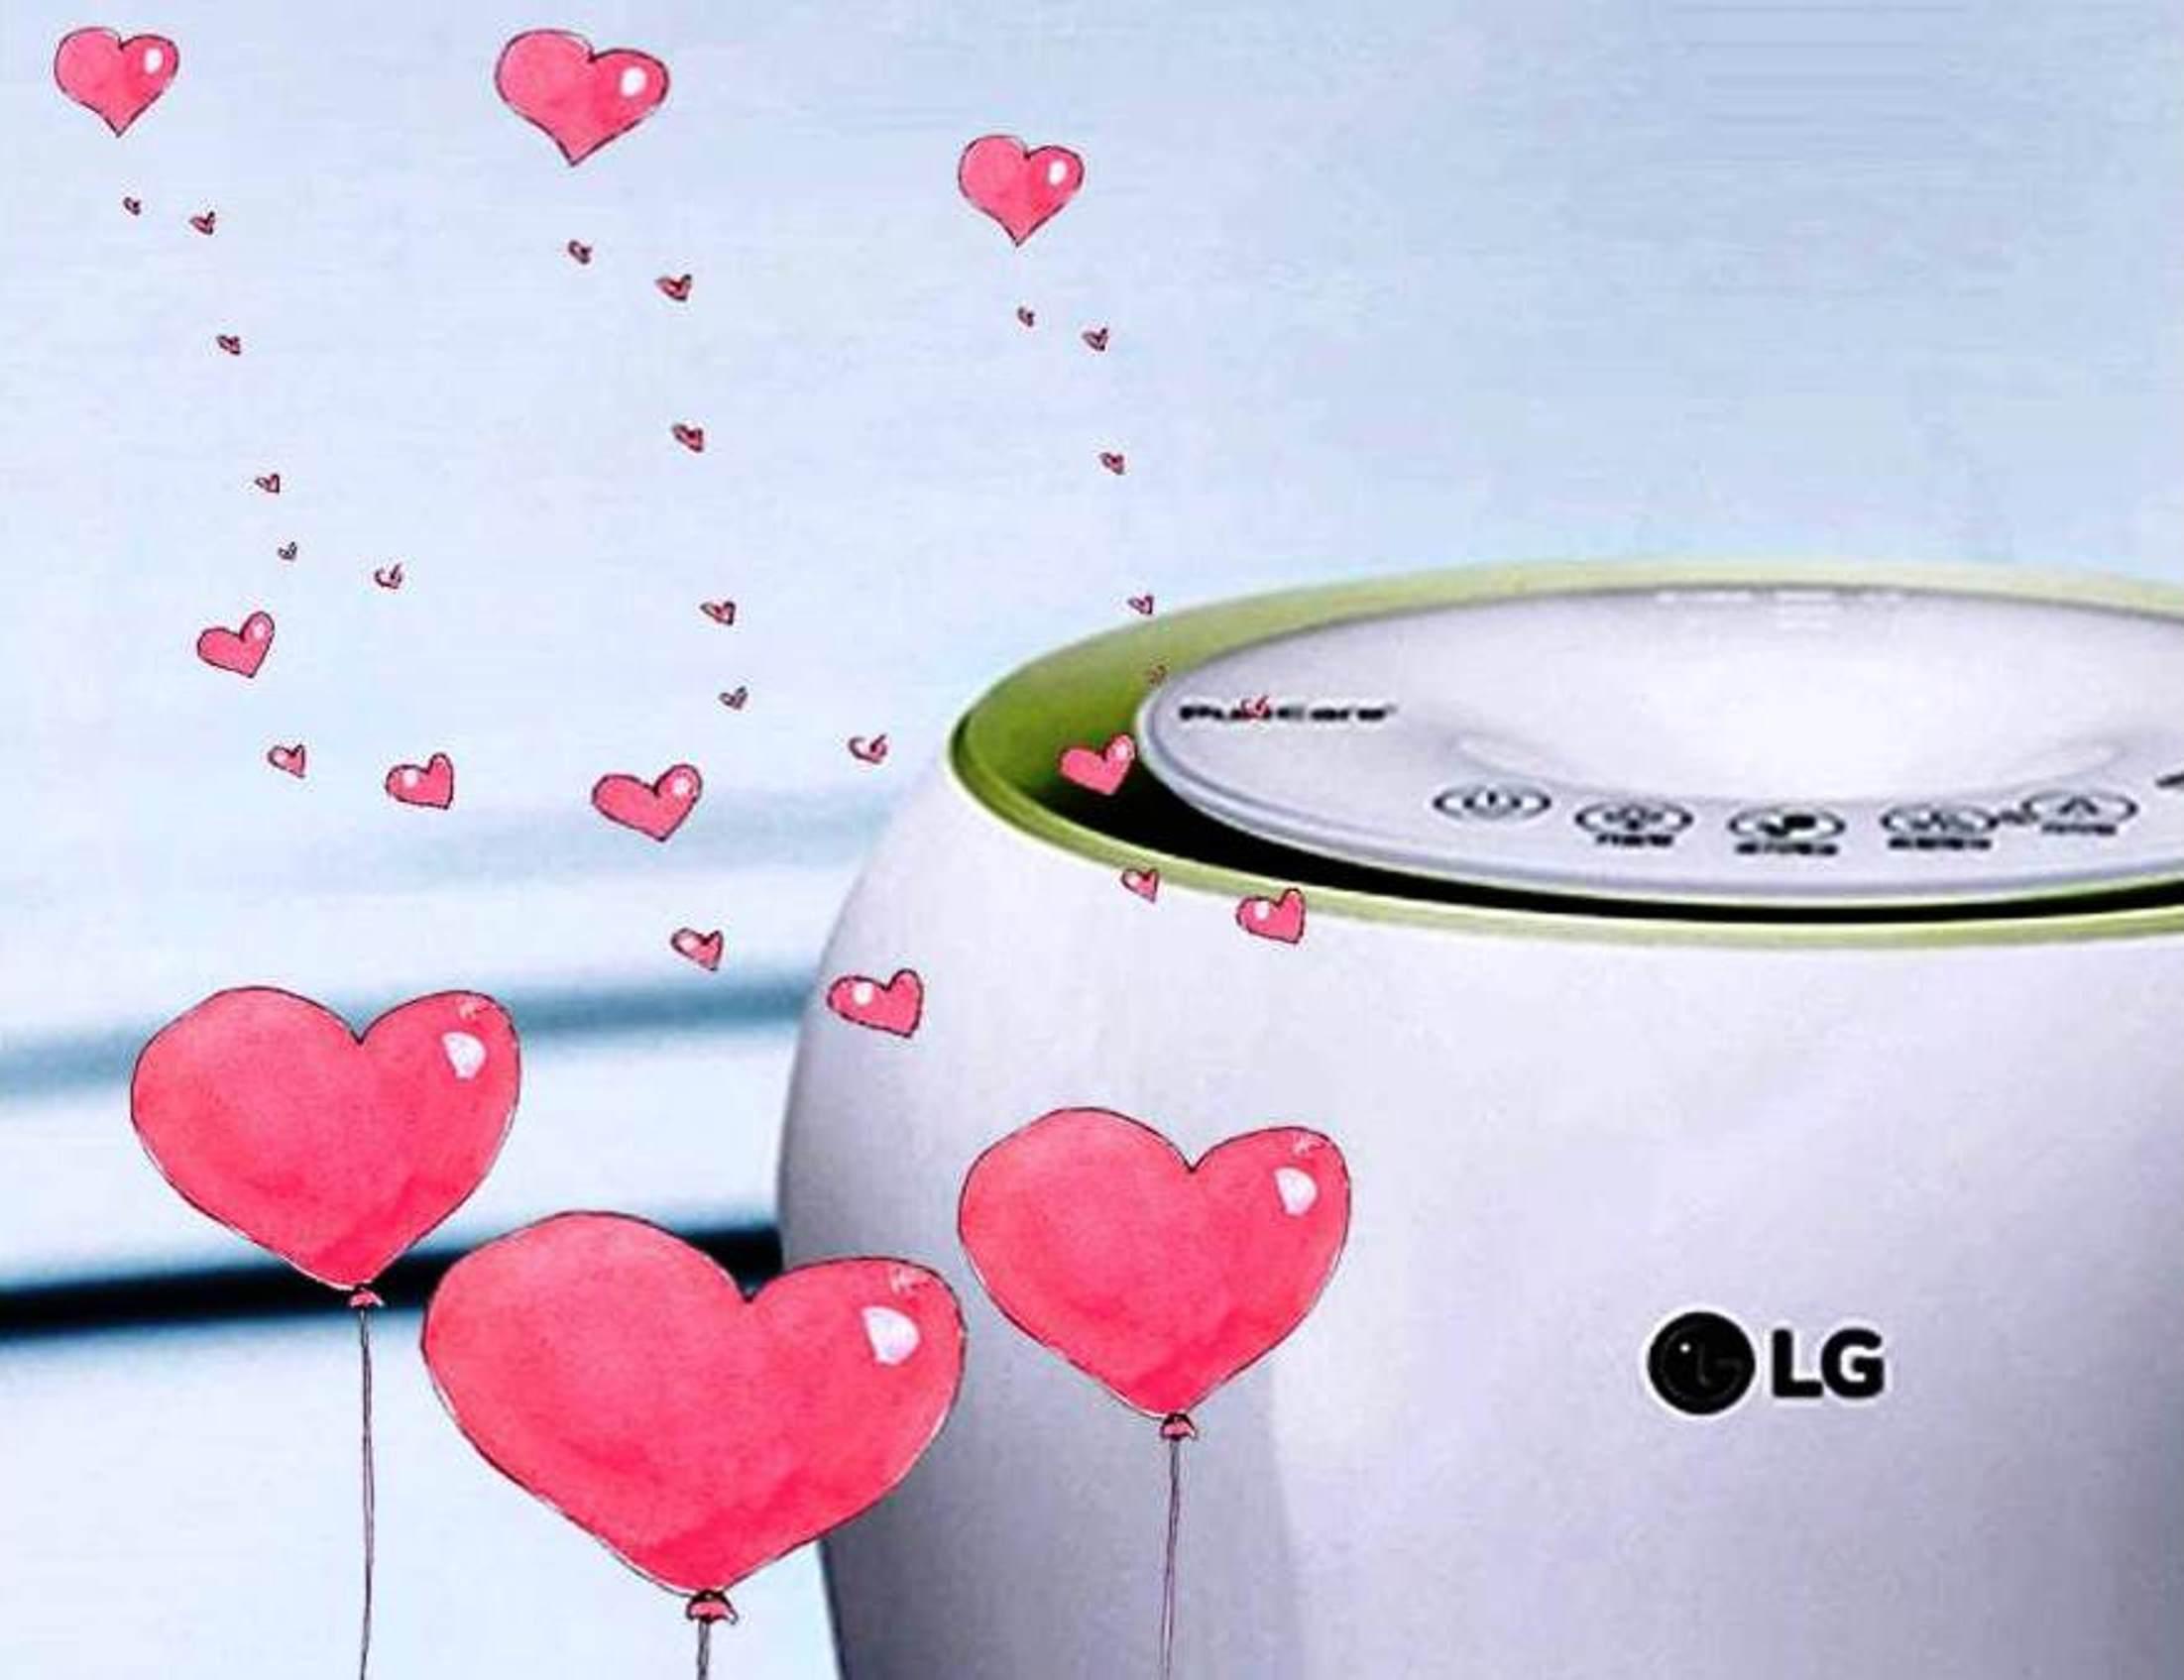 Два подарка от LG: большой и маленький, для отличной погоды в вашем доме